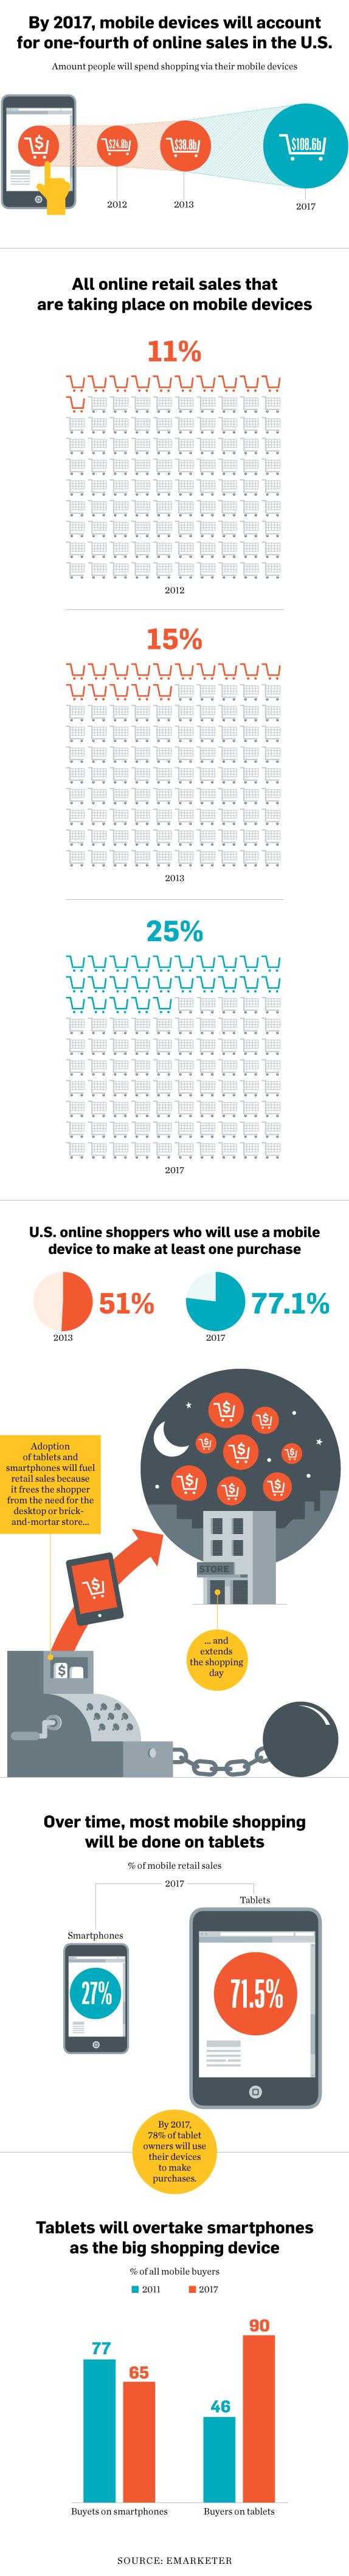 Los dispositivos móviles ocuparán un 25% de las ventas online en Estados Unidos